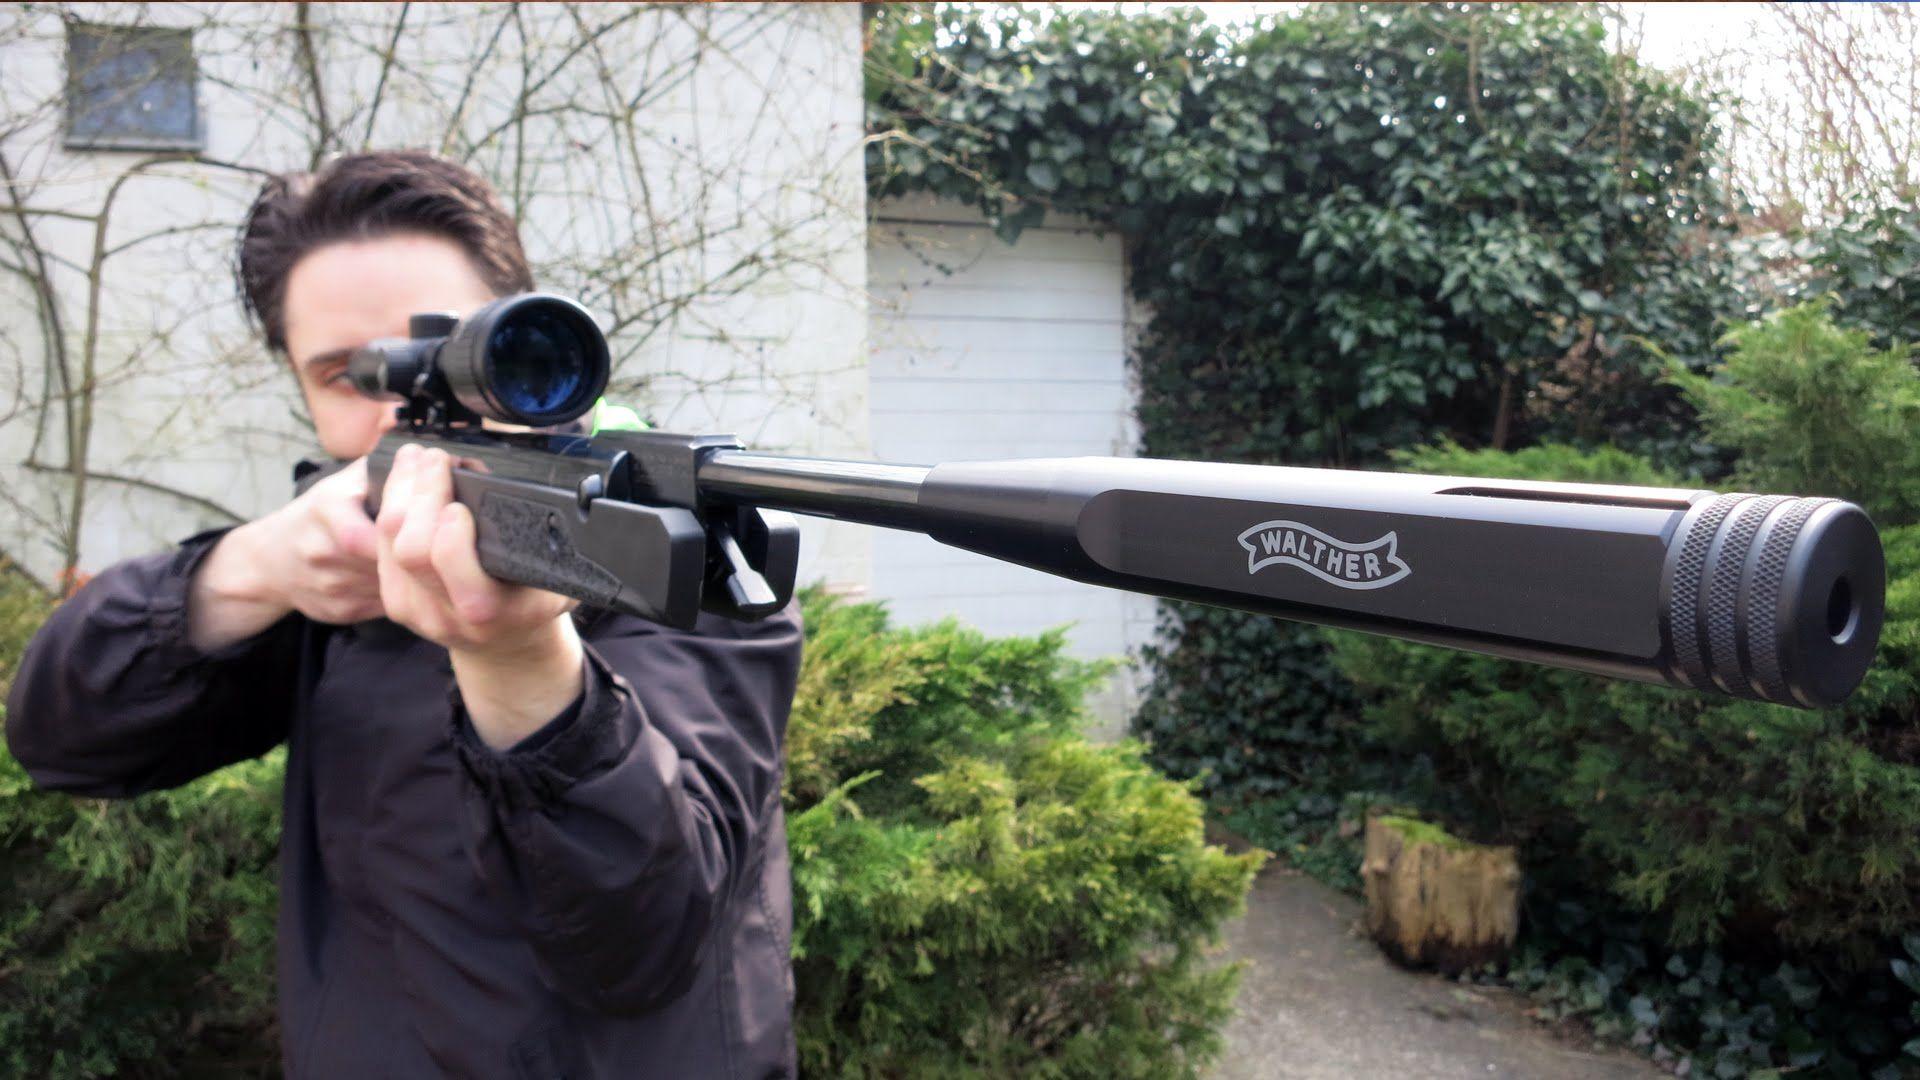 Walther century gt luftgewehr luftgewehr luftgewehr